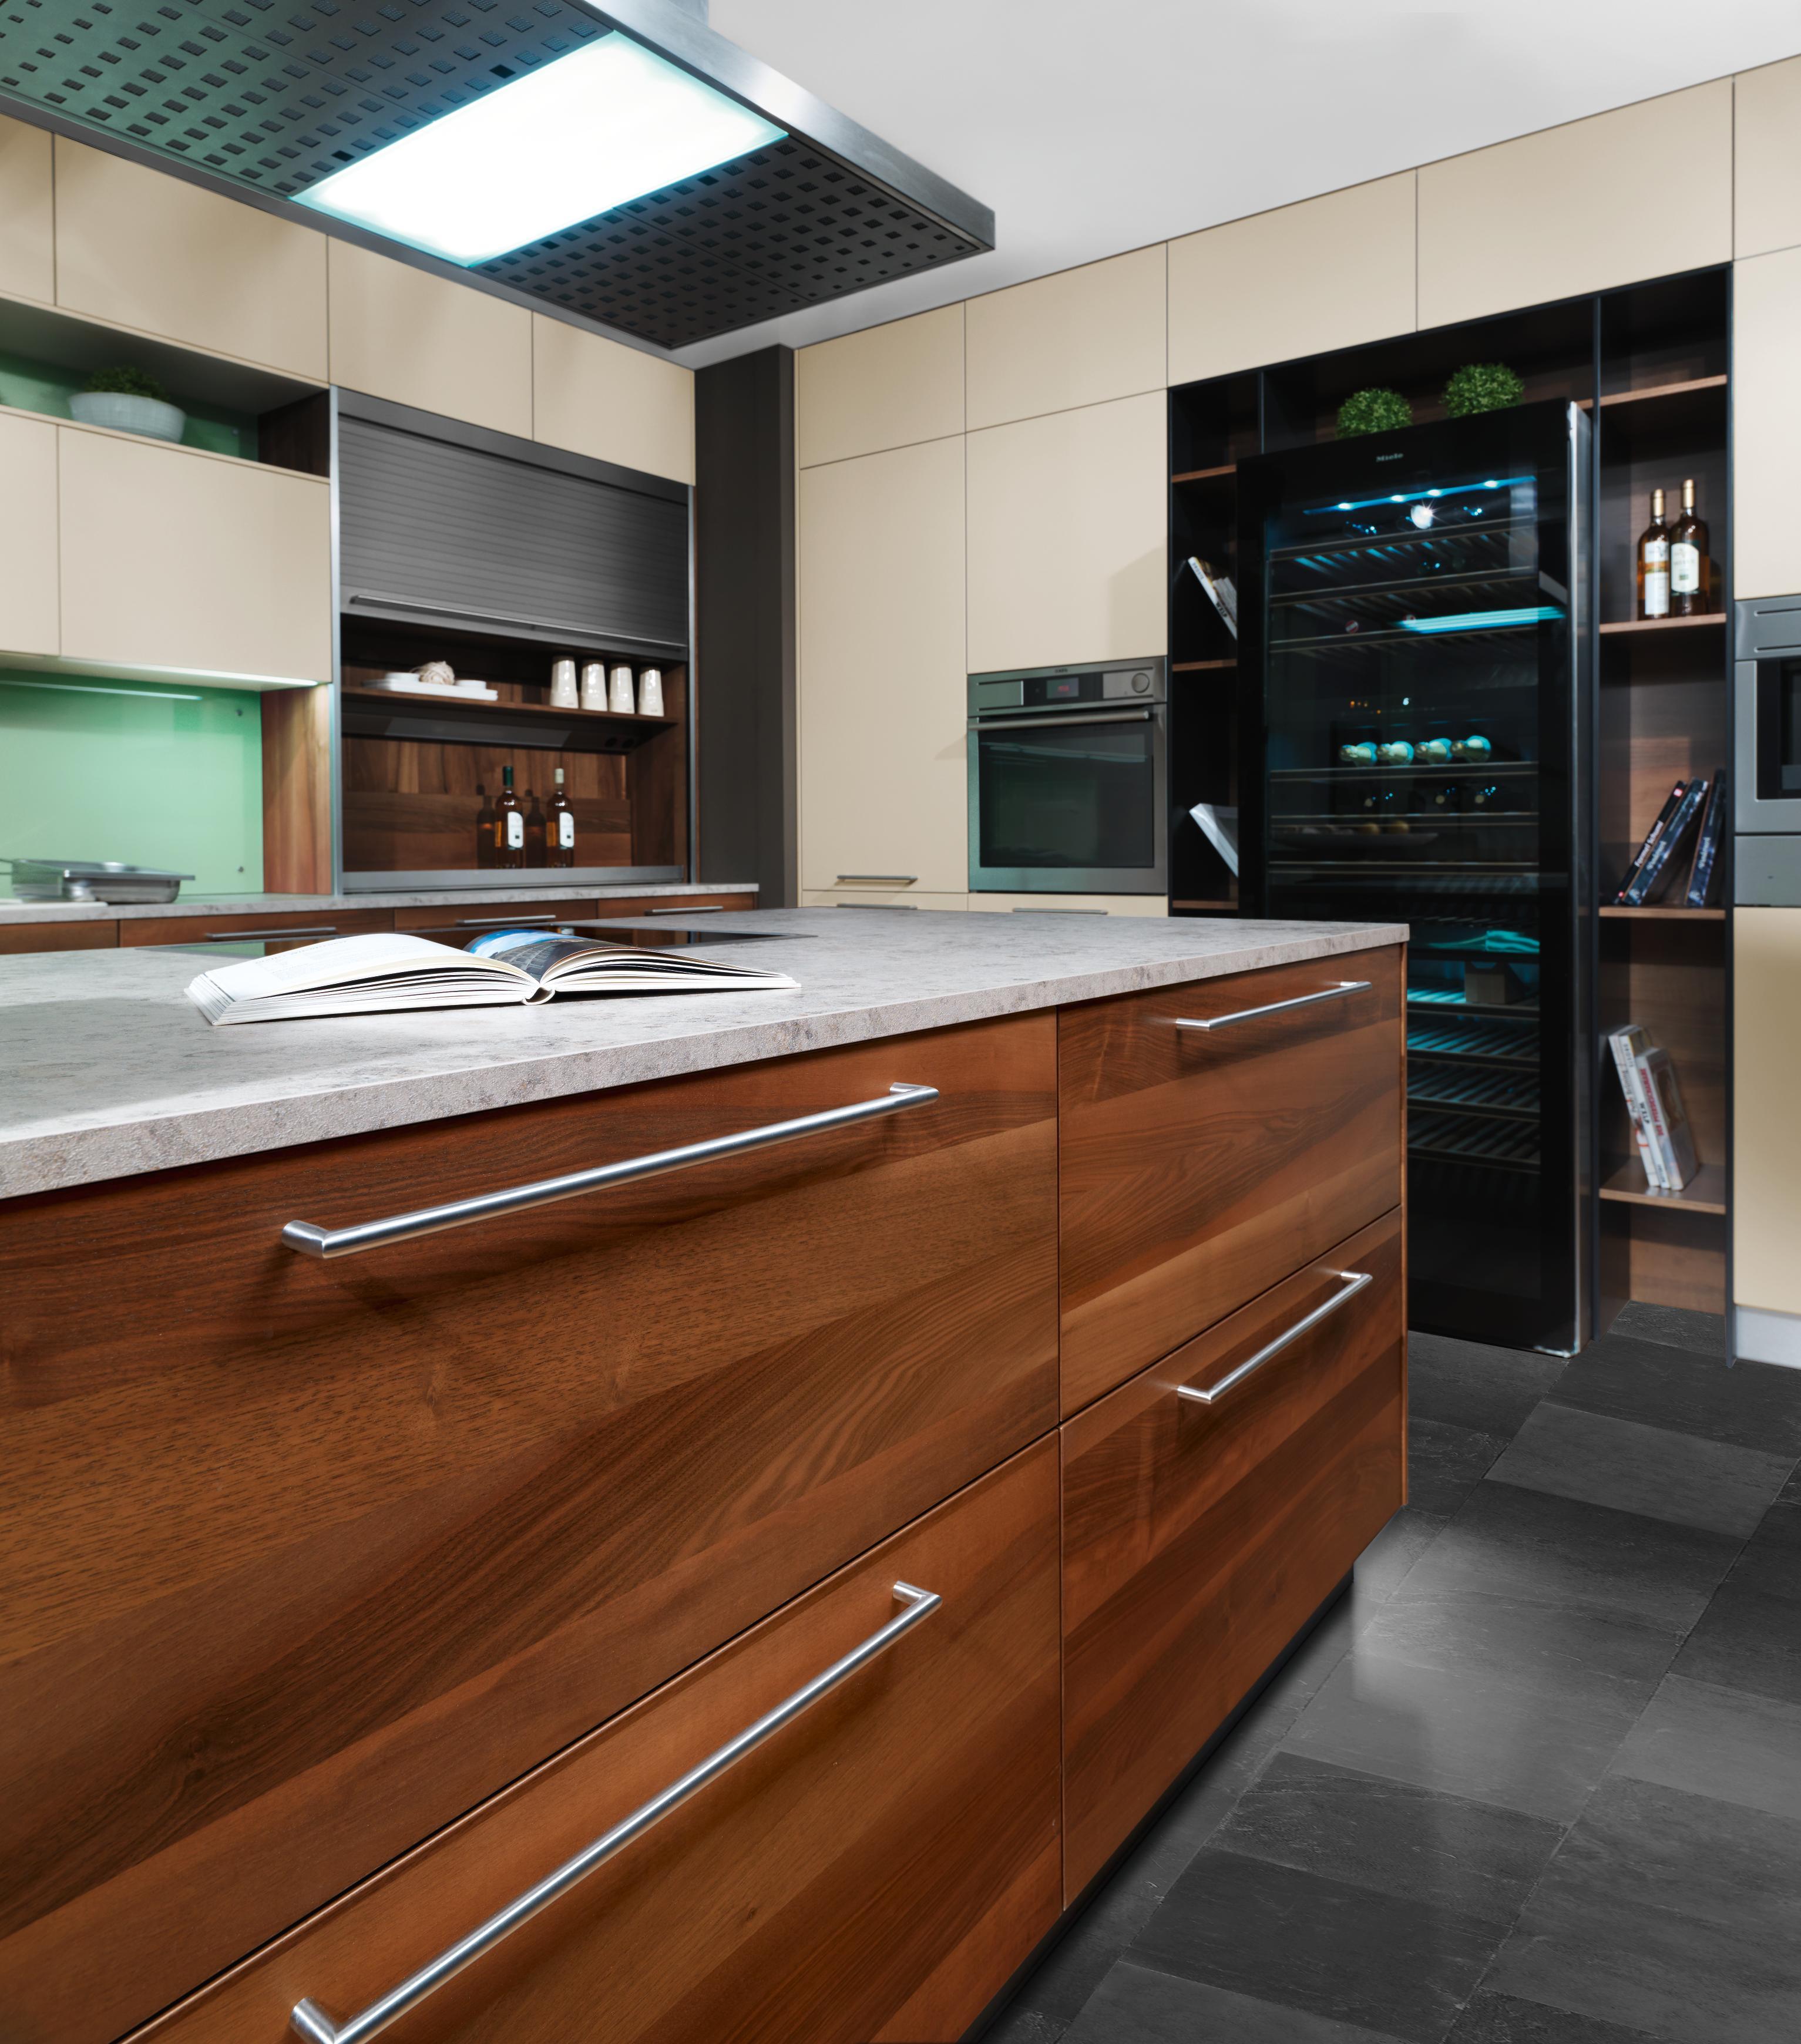 Küche Mit Weinkühlschrank: Luxus